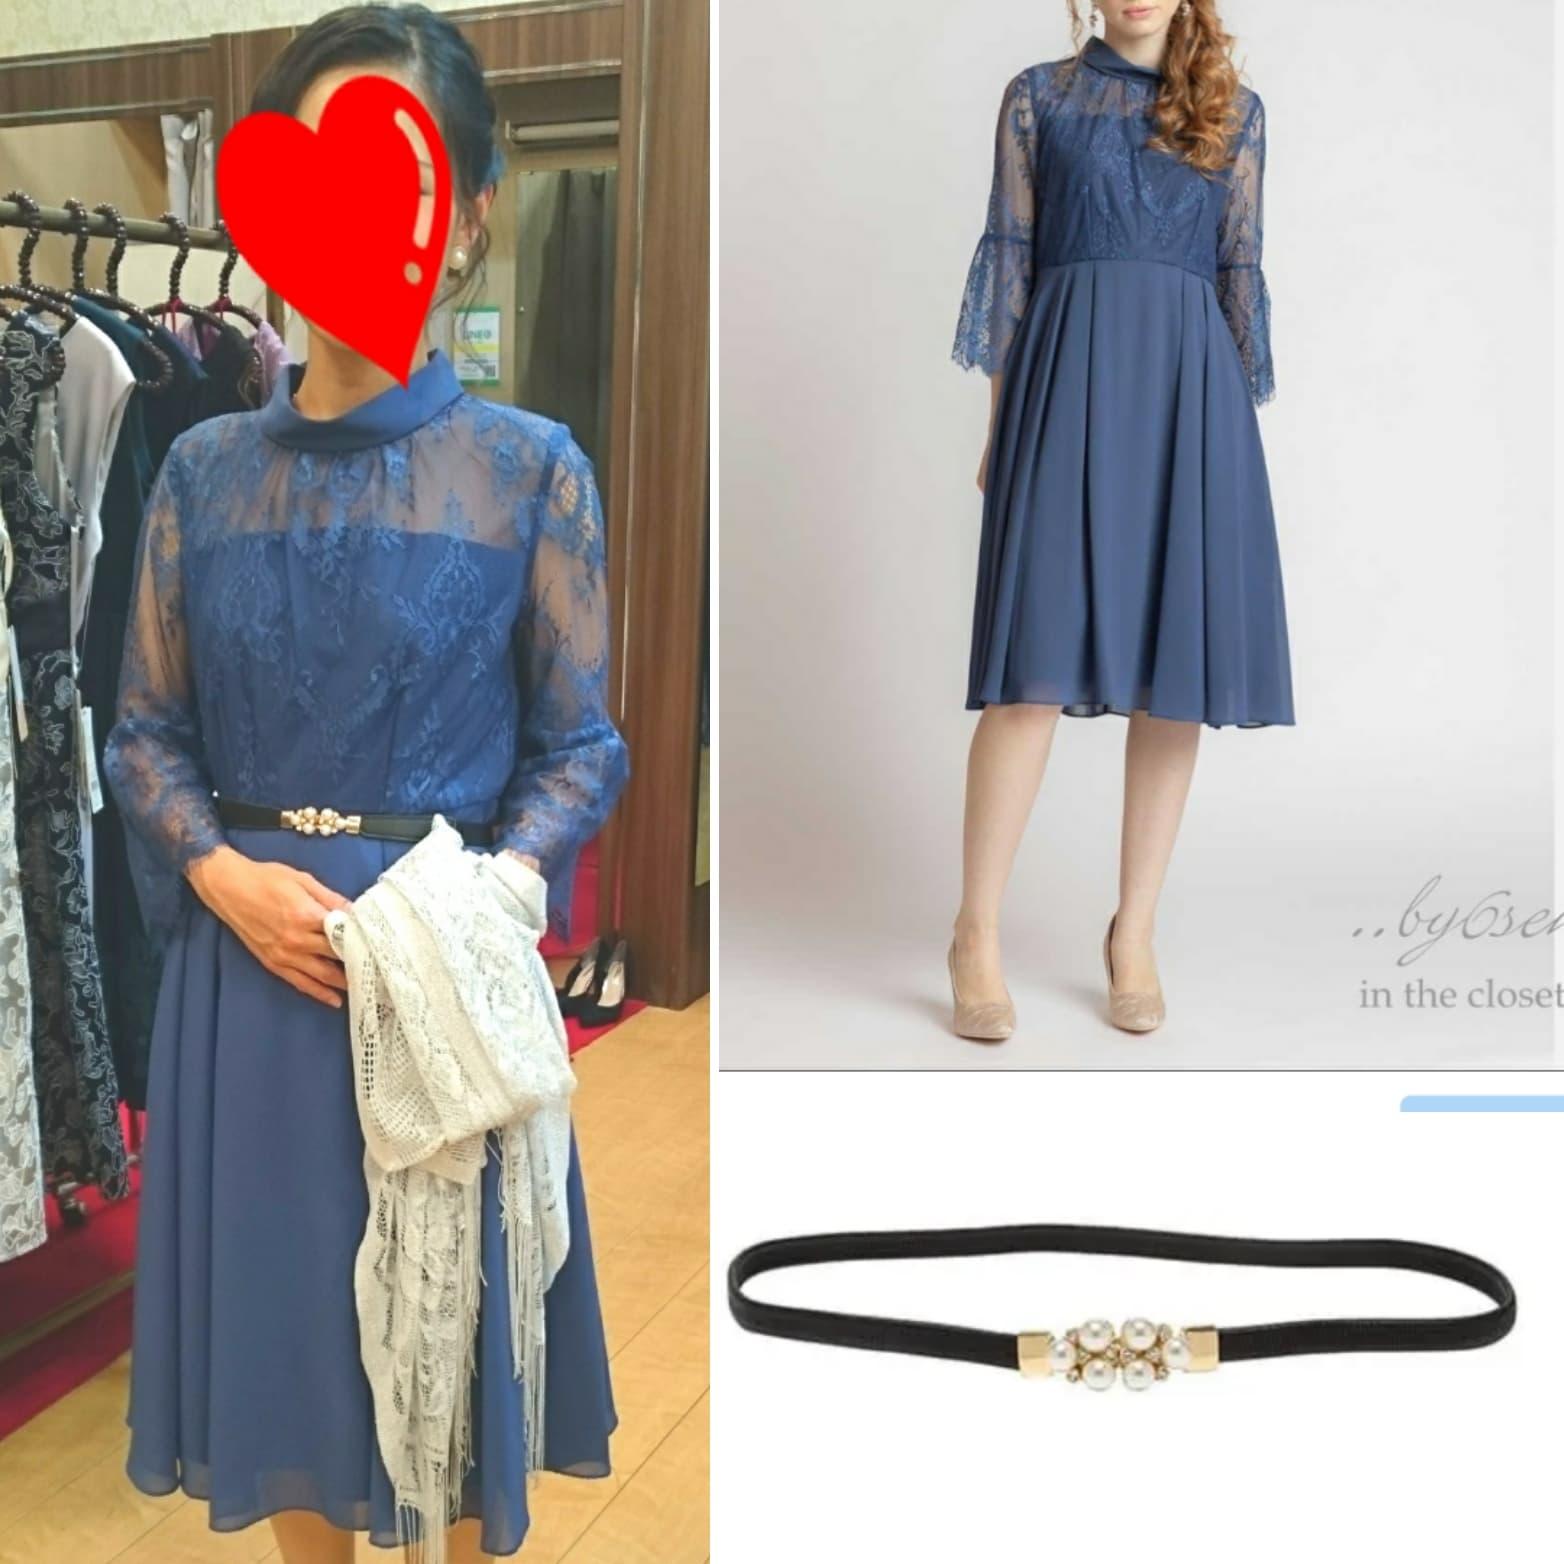 ❀お客様コーデのご紹介❀ お友達の結婚式に明るめブルーのハイネック&デコルテレースドレス♪